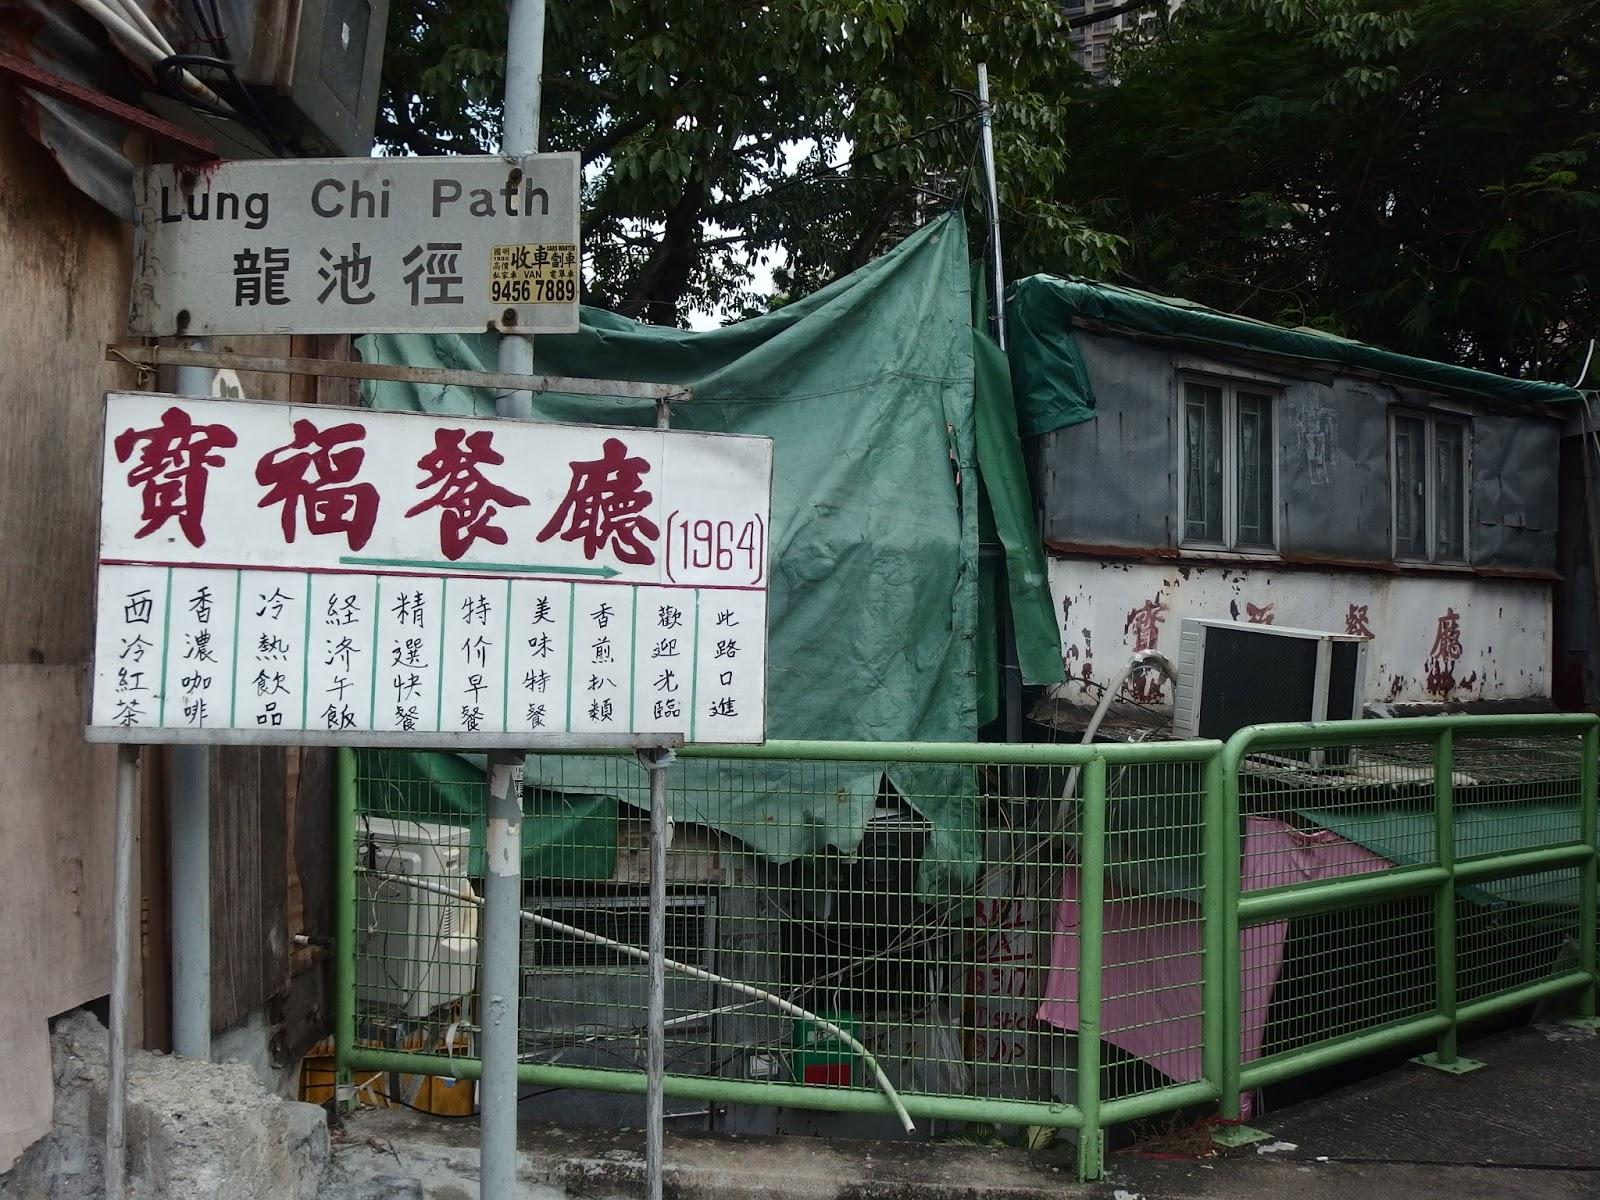 尋找隱世的味道 - 陳真的飲食誌: 寮屋村內的茶餐廳 - 牛池灣村《寶福餐廳》